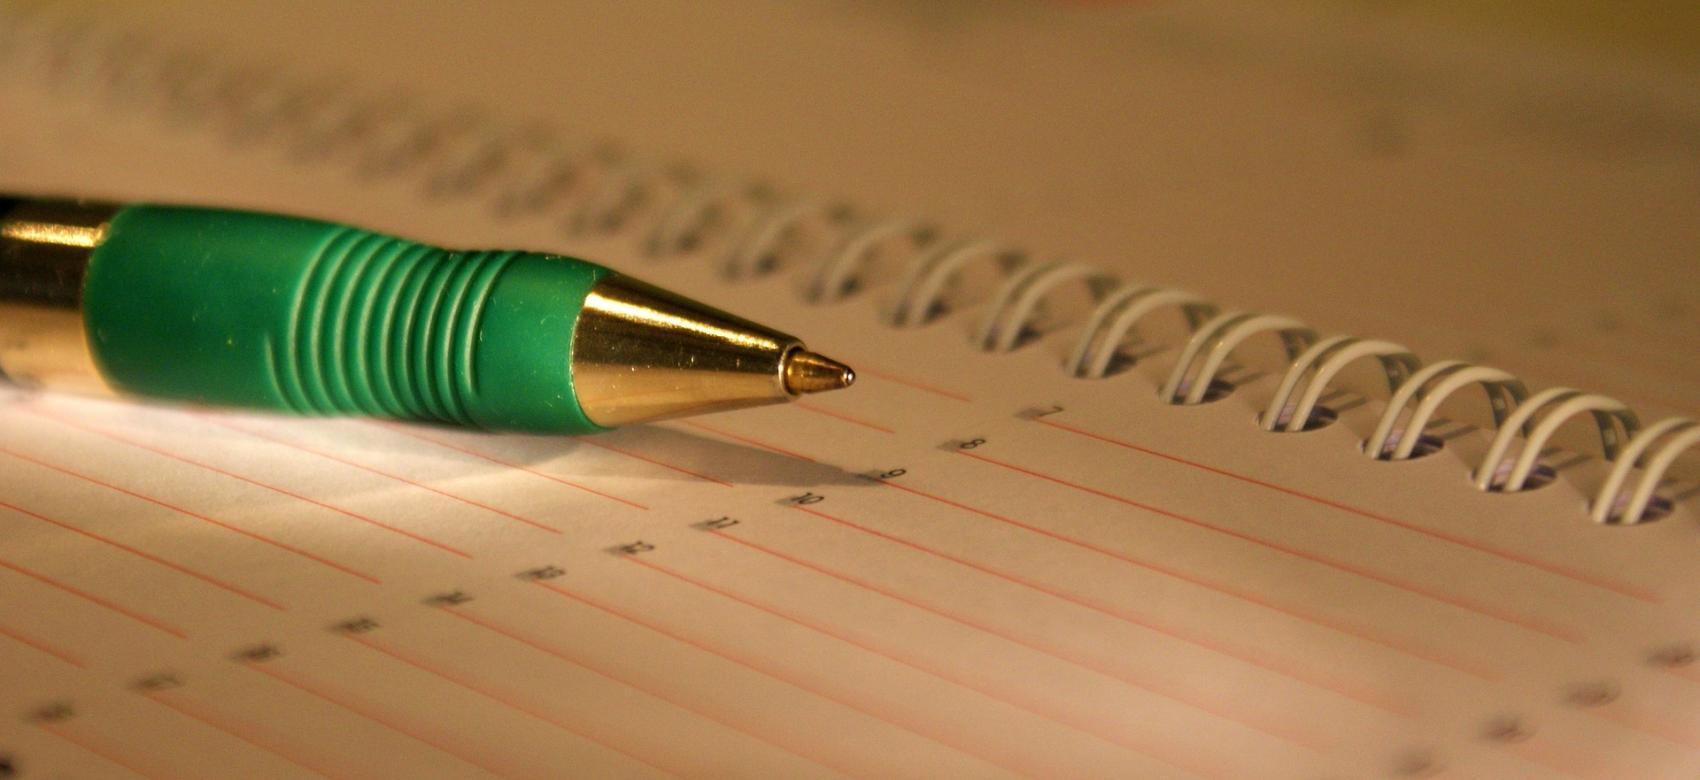 Bolígrafo sobre un cuaderno abierto